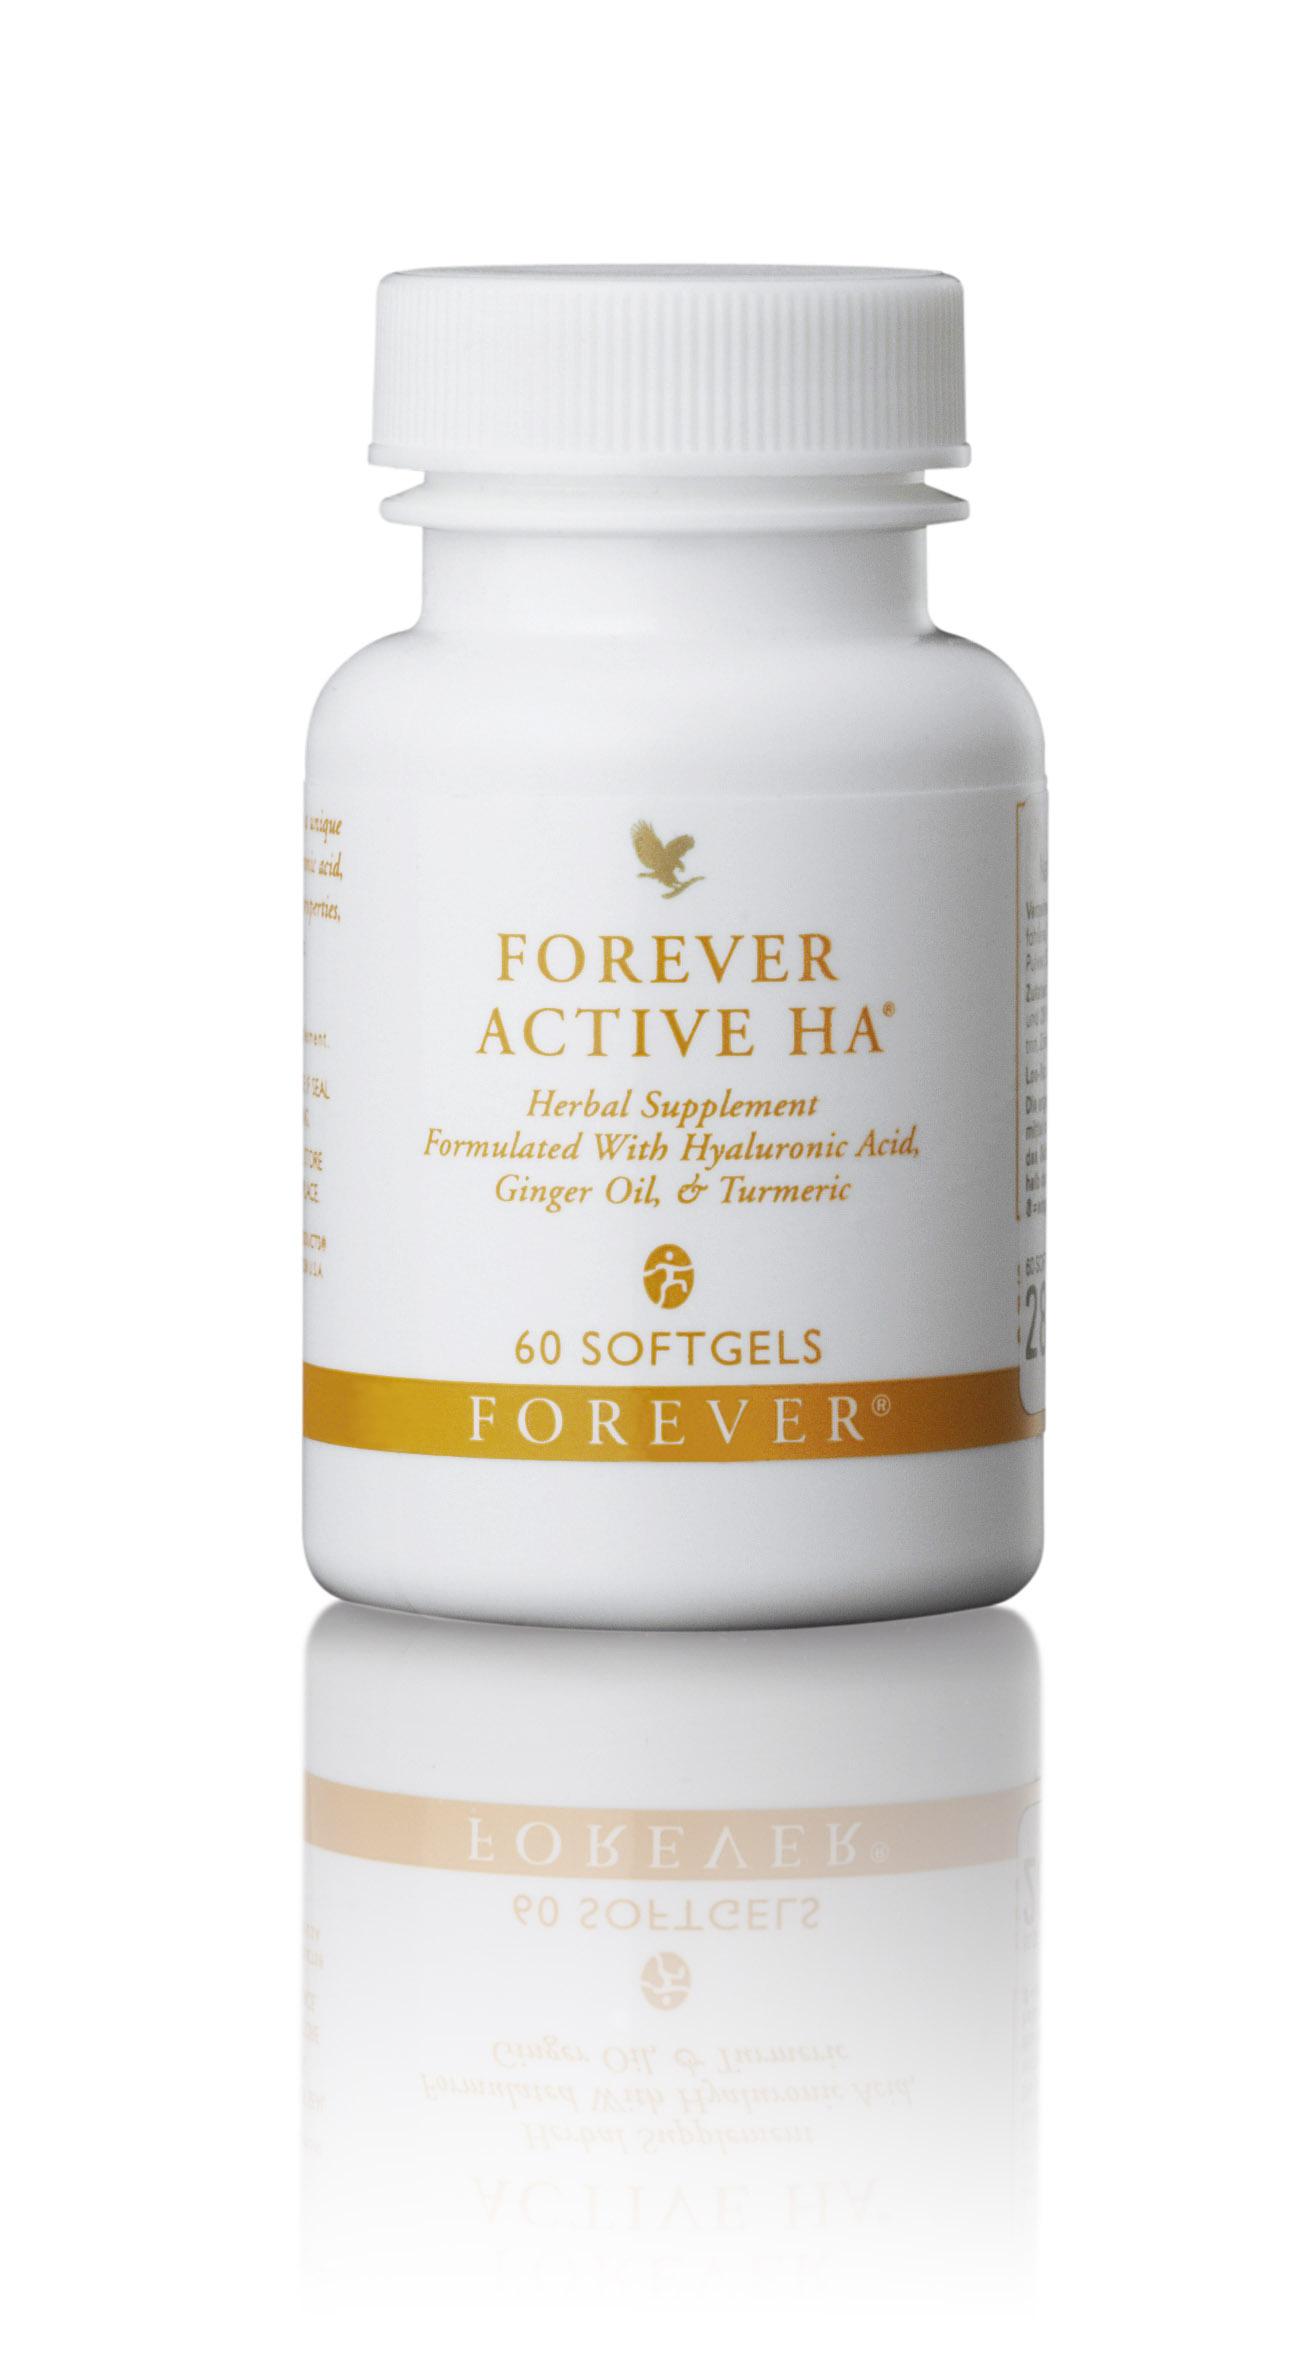 Forever Active Ha Nebenwirkungen